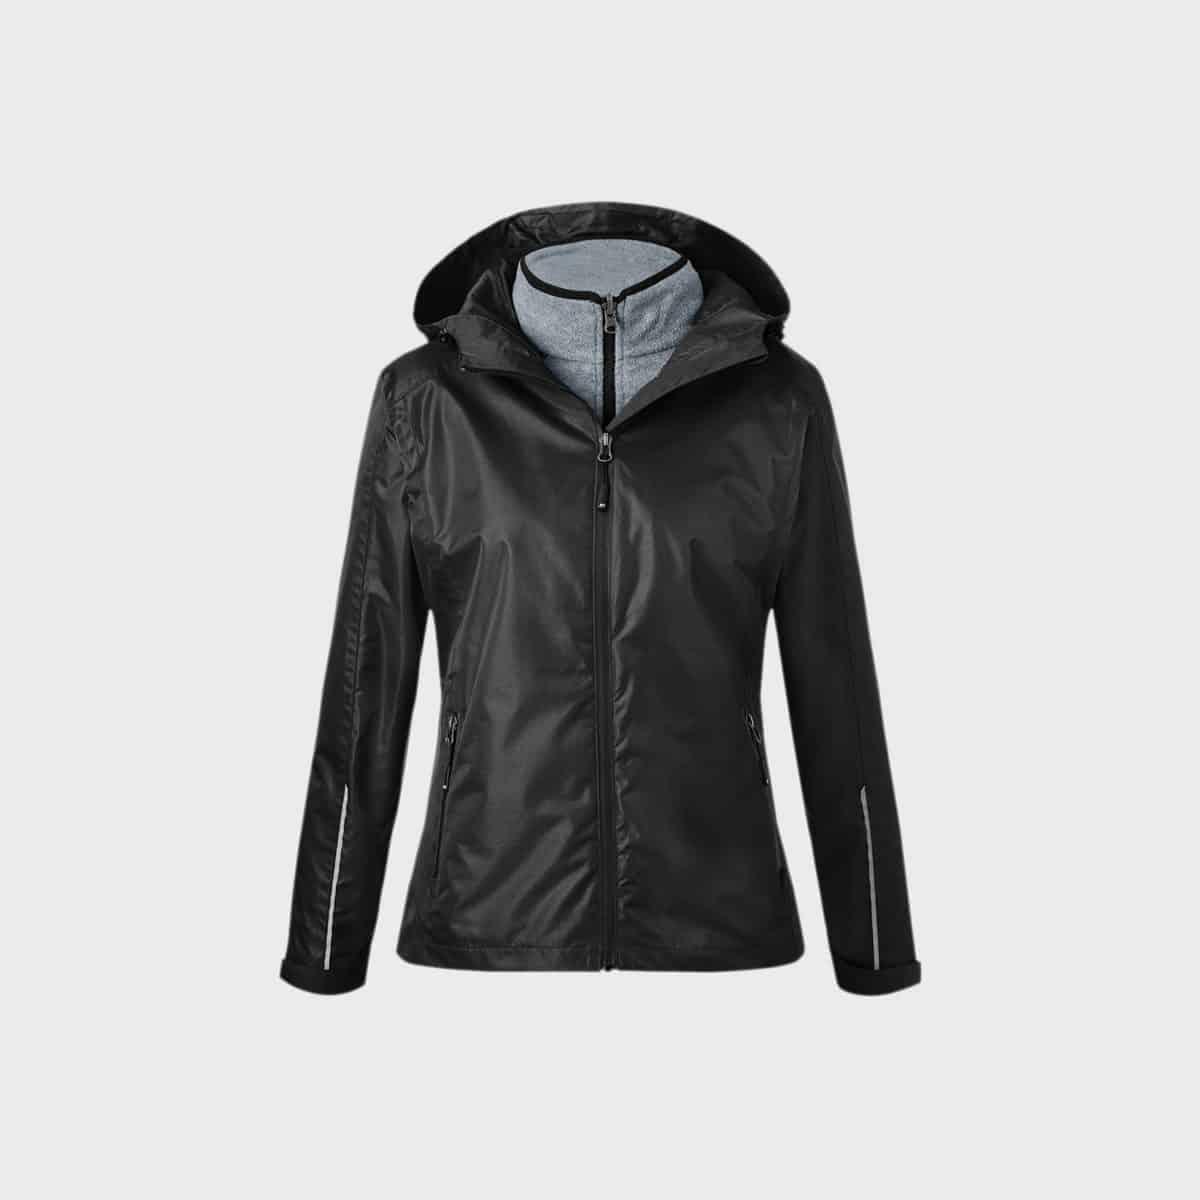 3in1-fleece-jacket-damen-black-kaufen-besticken_stickmanufaktur